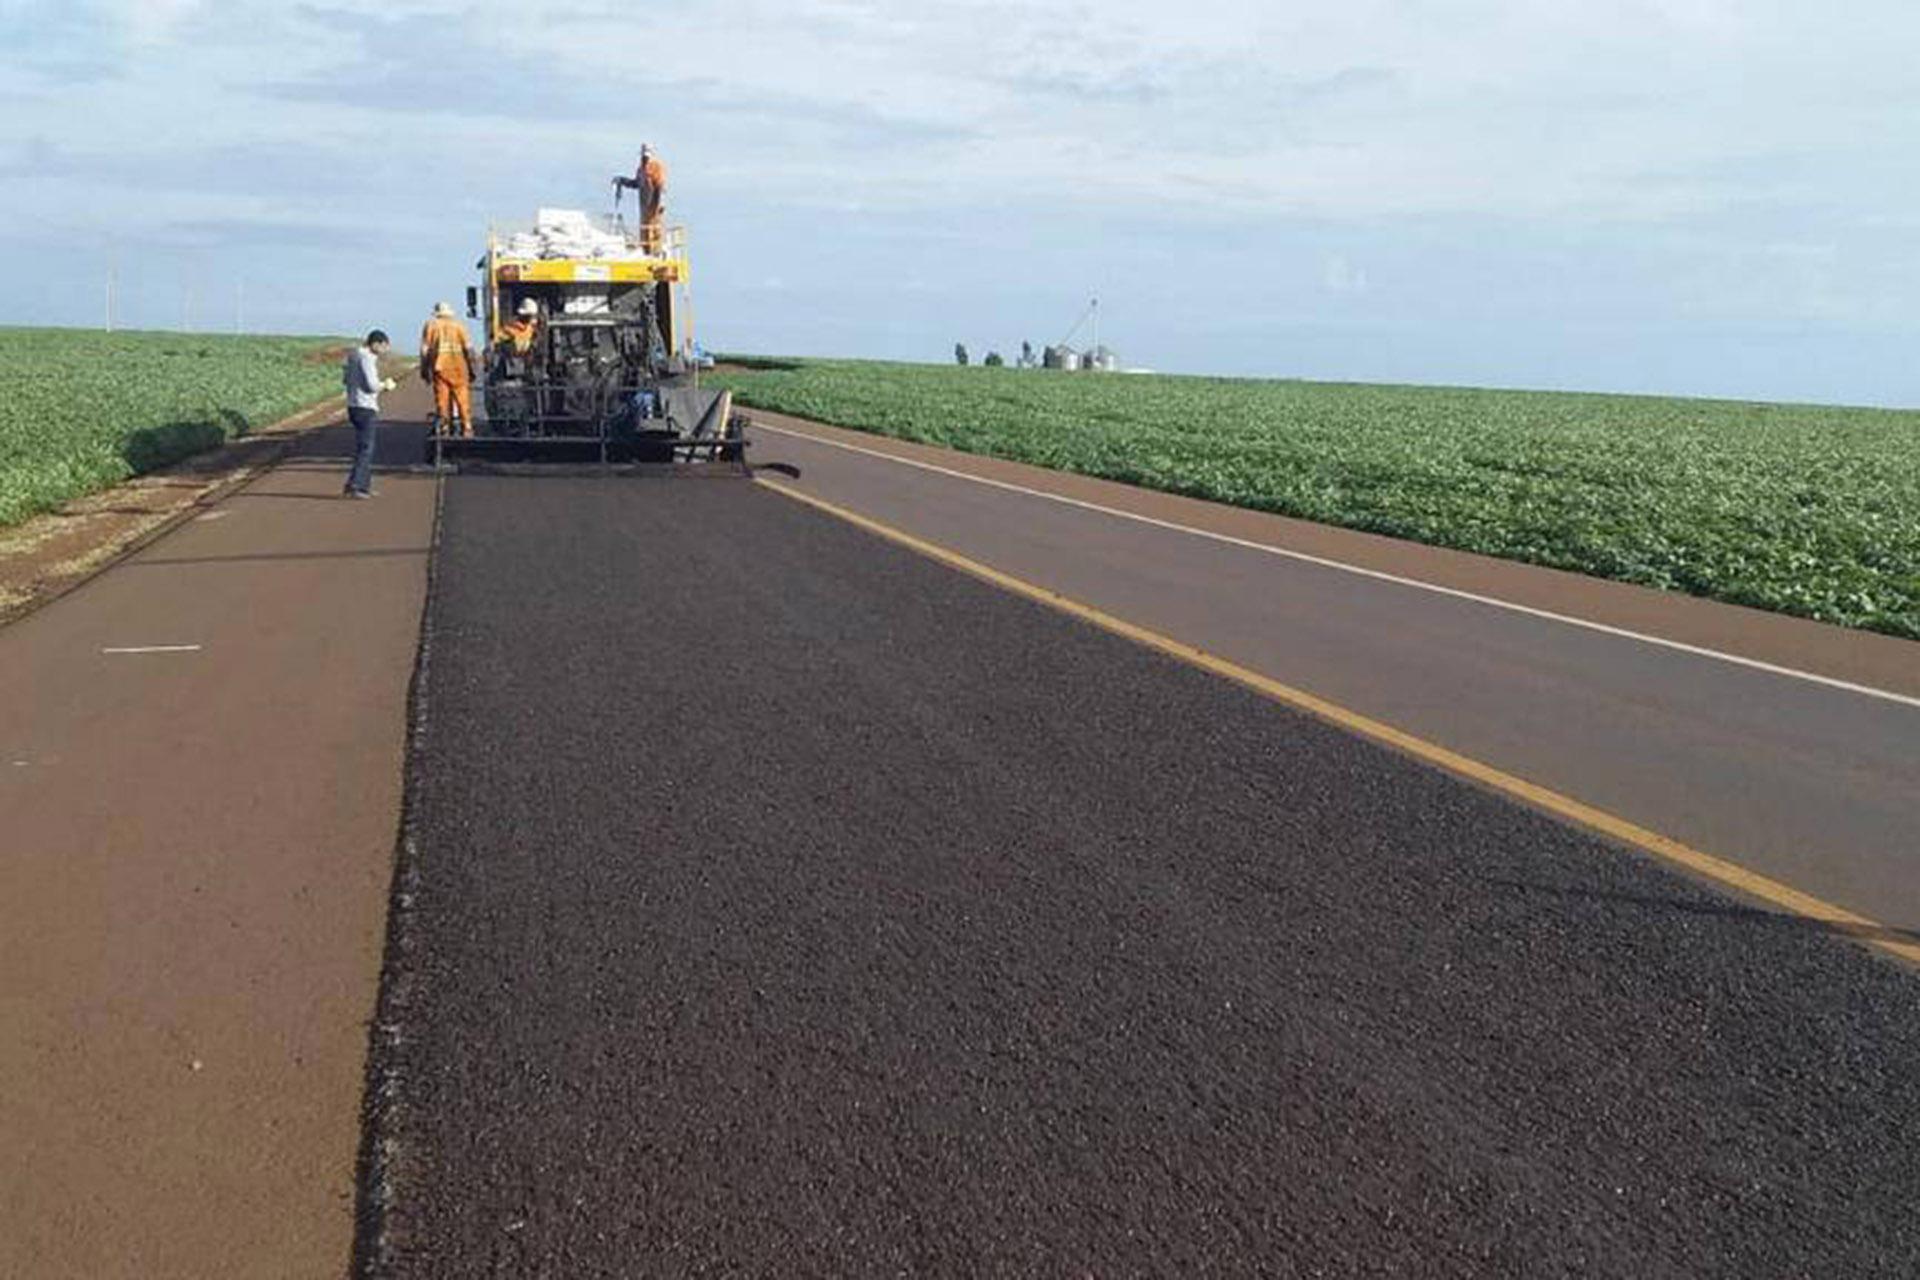 Pontos críticos de trecho de 61 quilômetros da PRC-487 estão recebendo serviços de remendos, microrrevestimento e sinalização. Investimento é de R$ 7 milhões